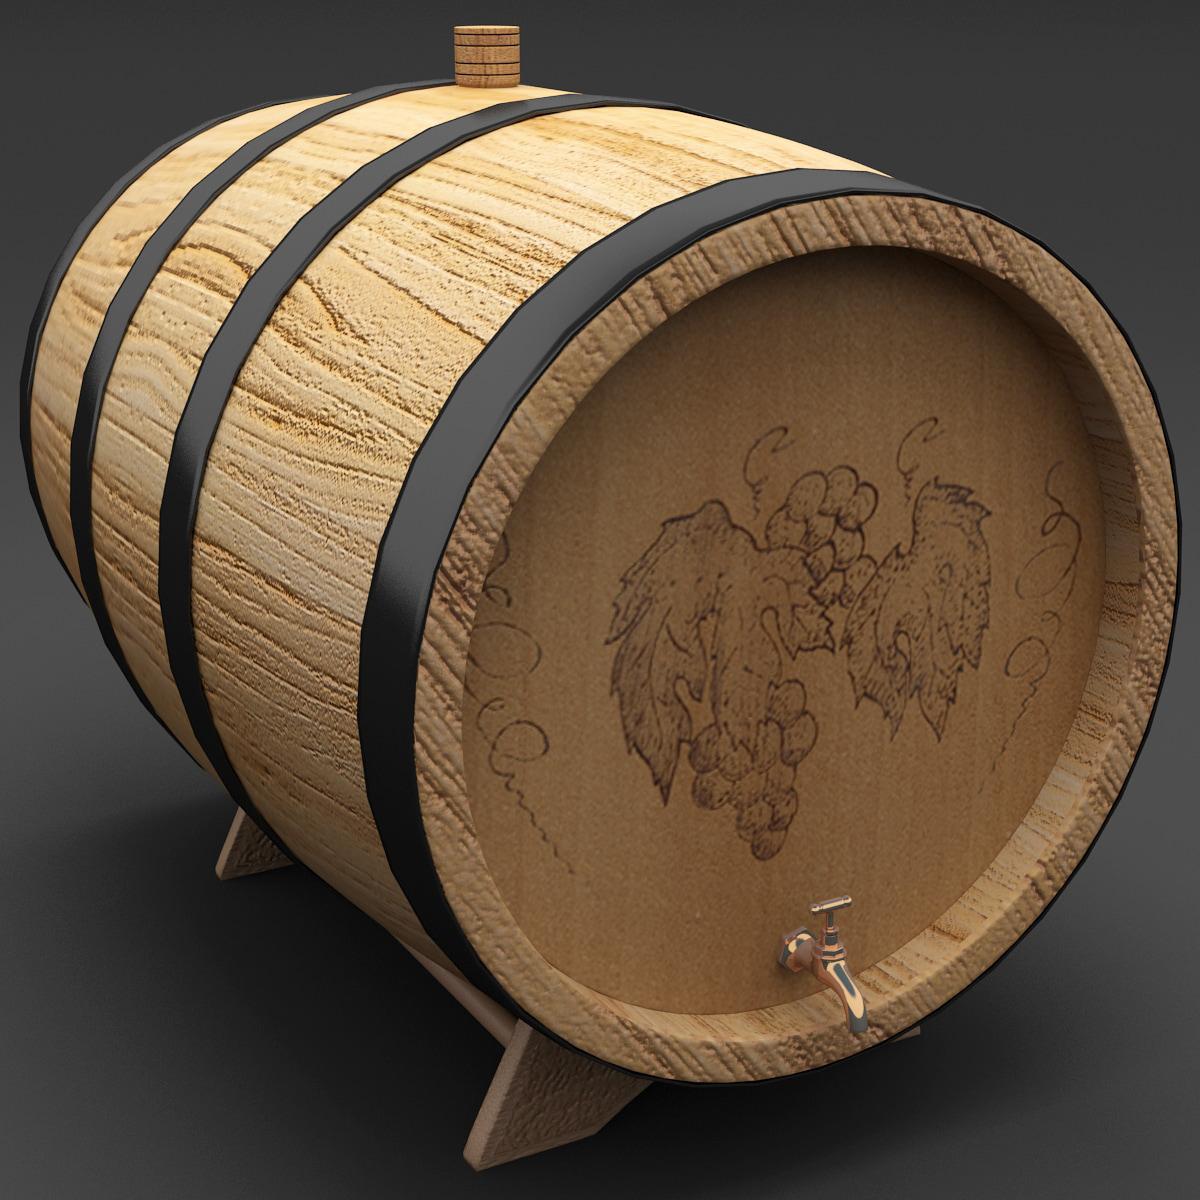 Wine_Barrel_V4_Vray_1.jpg